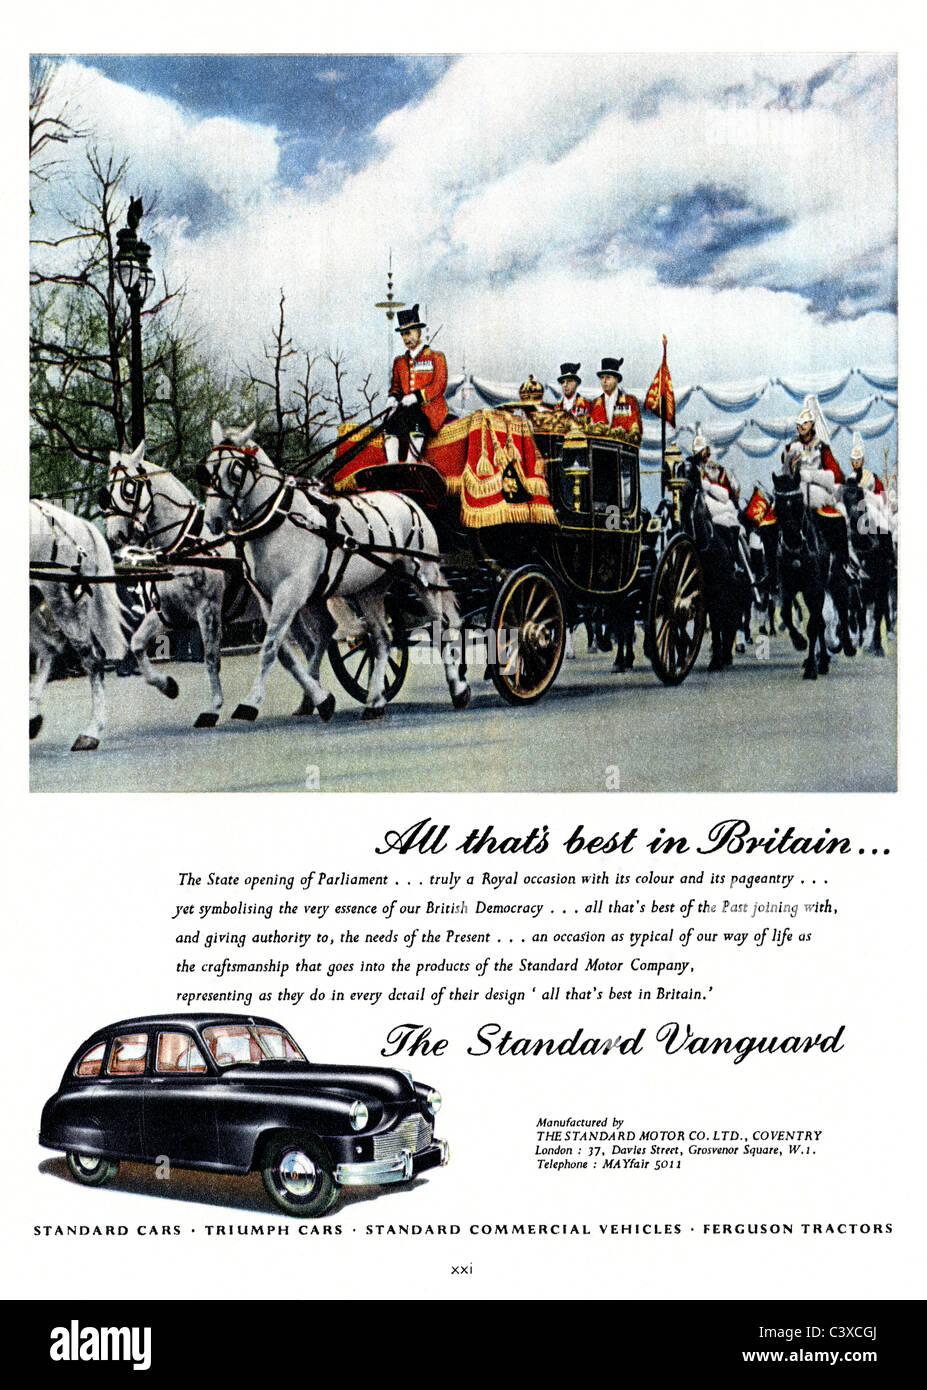 Standard Motor Company Stock Photos & Standard Motor Company Stock ...